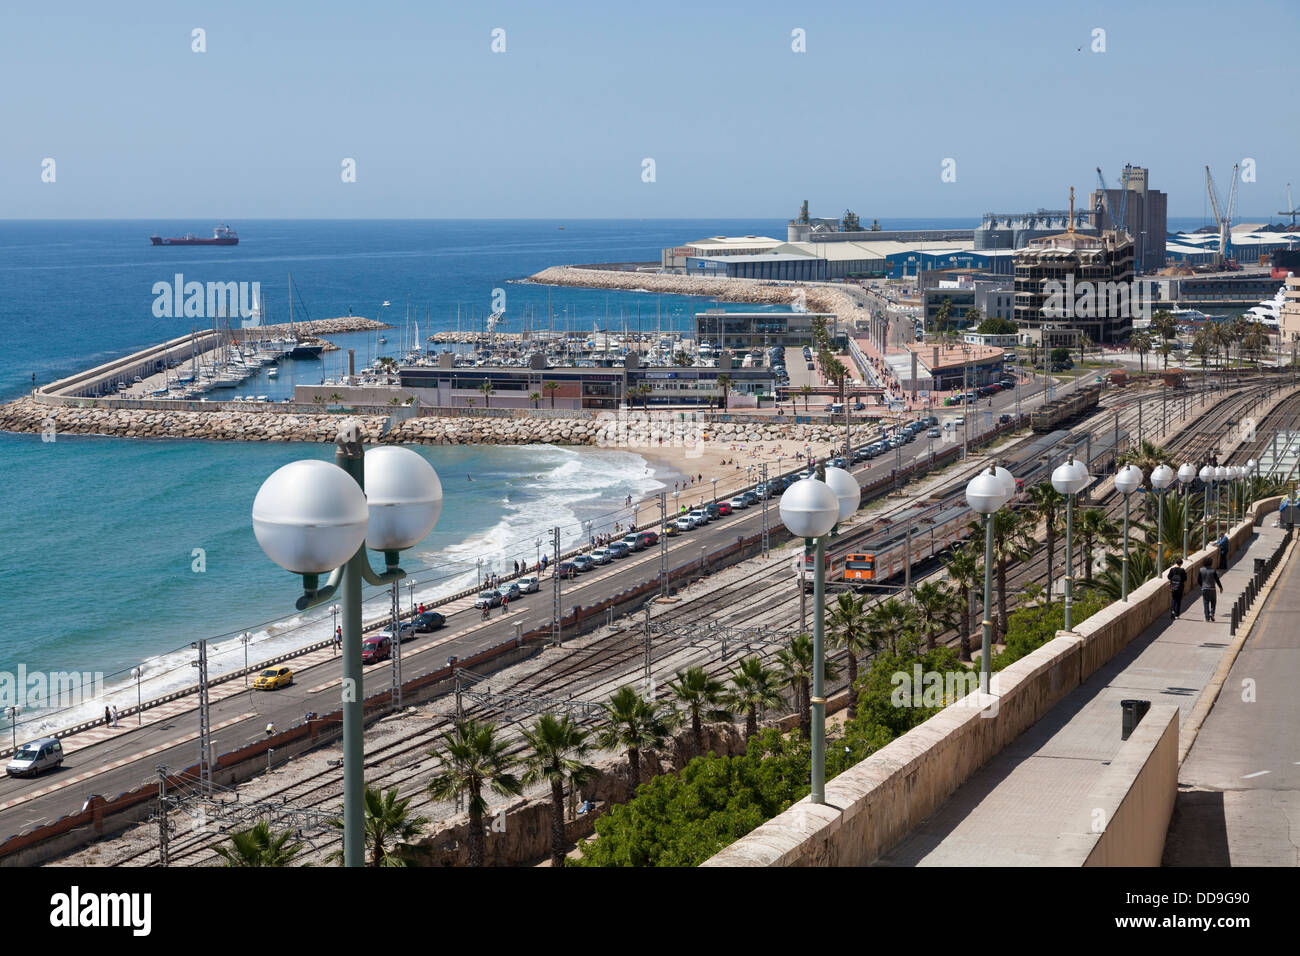 Marina and railway tracks at Tarragona, Spain. - Stock Image